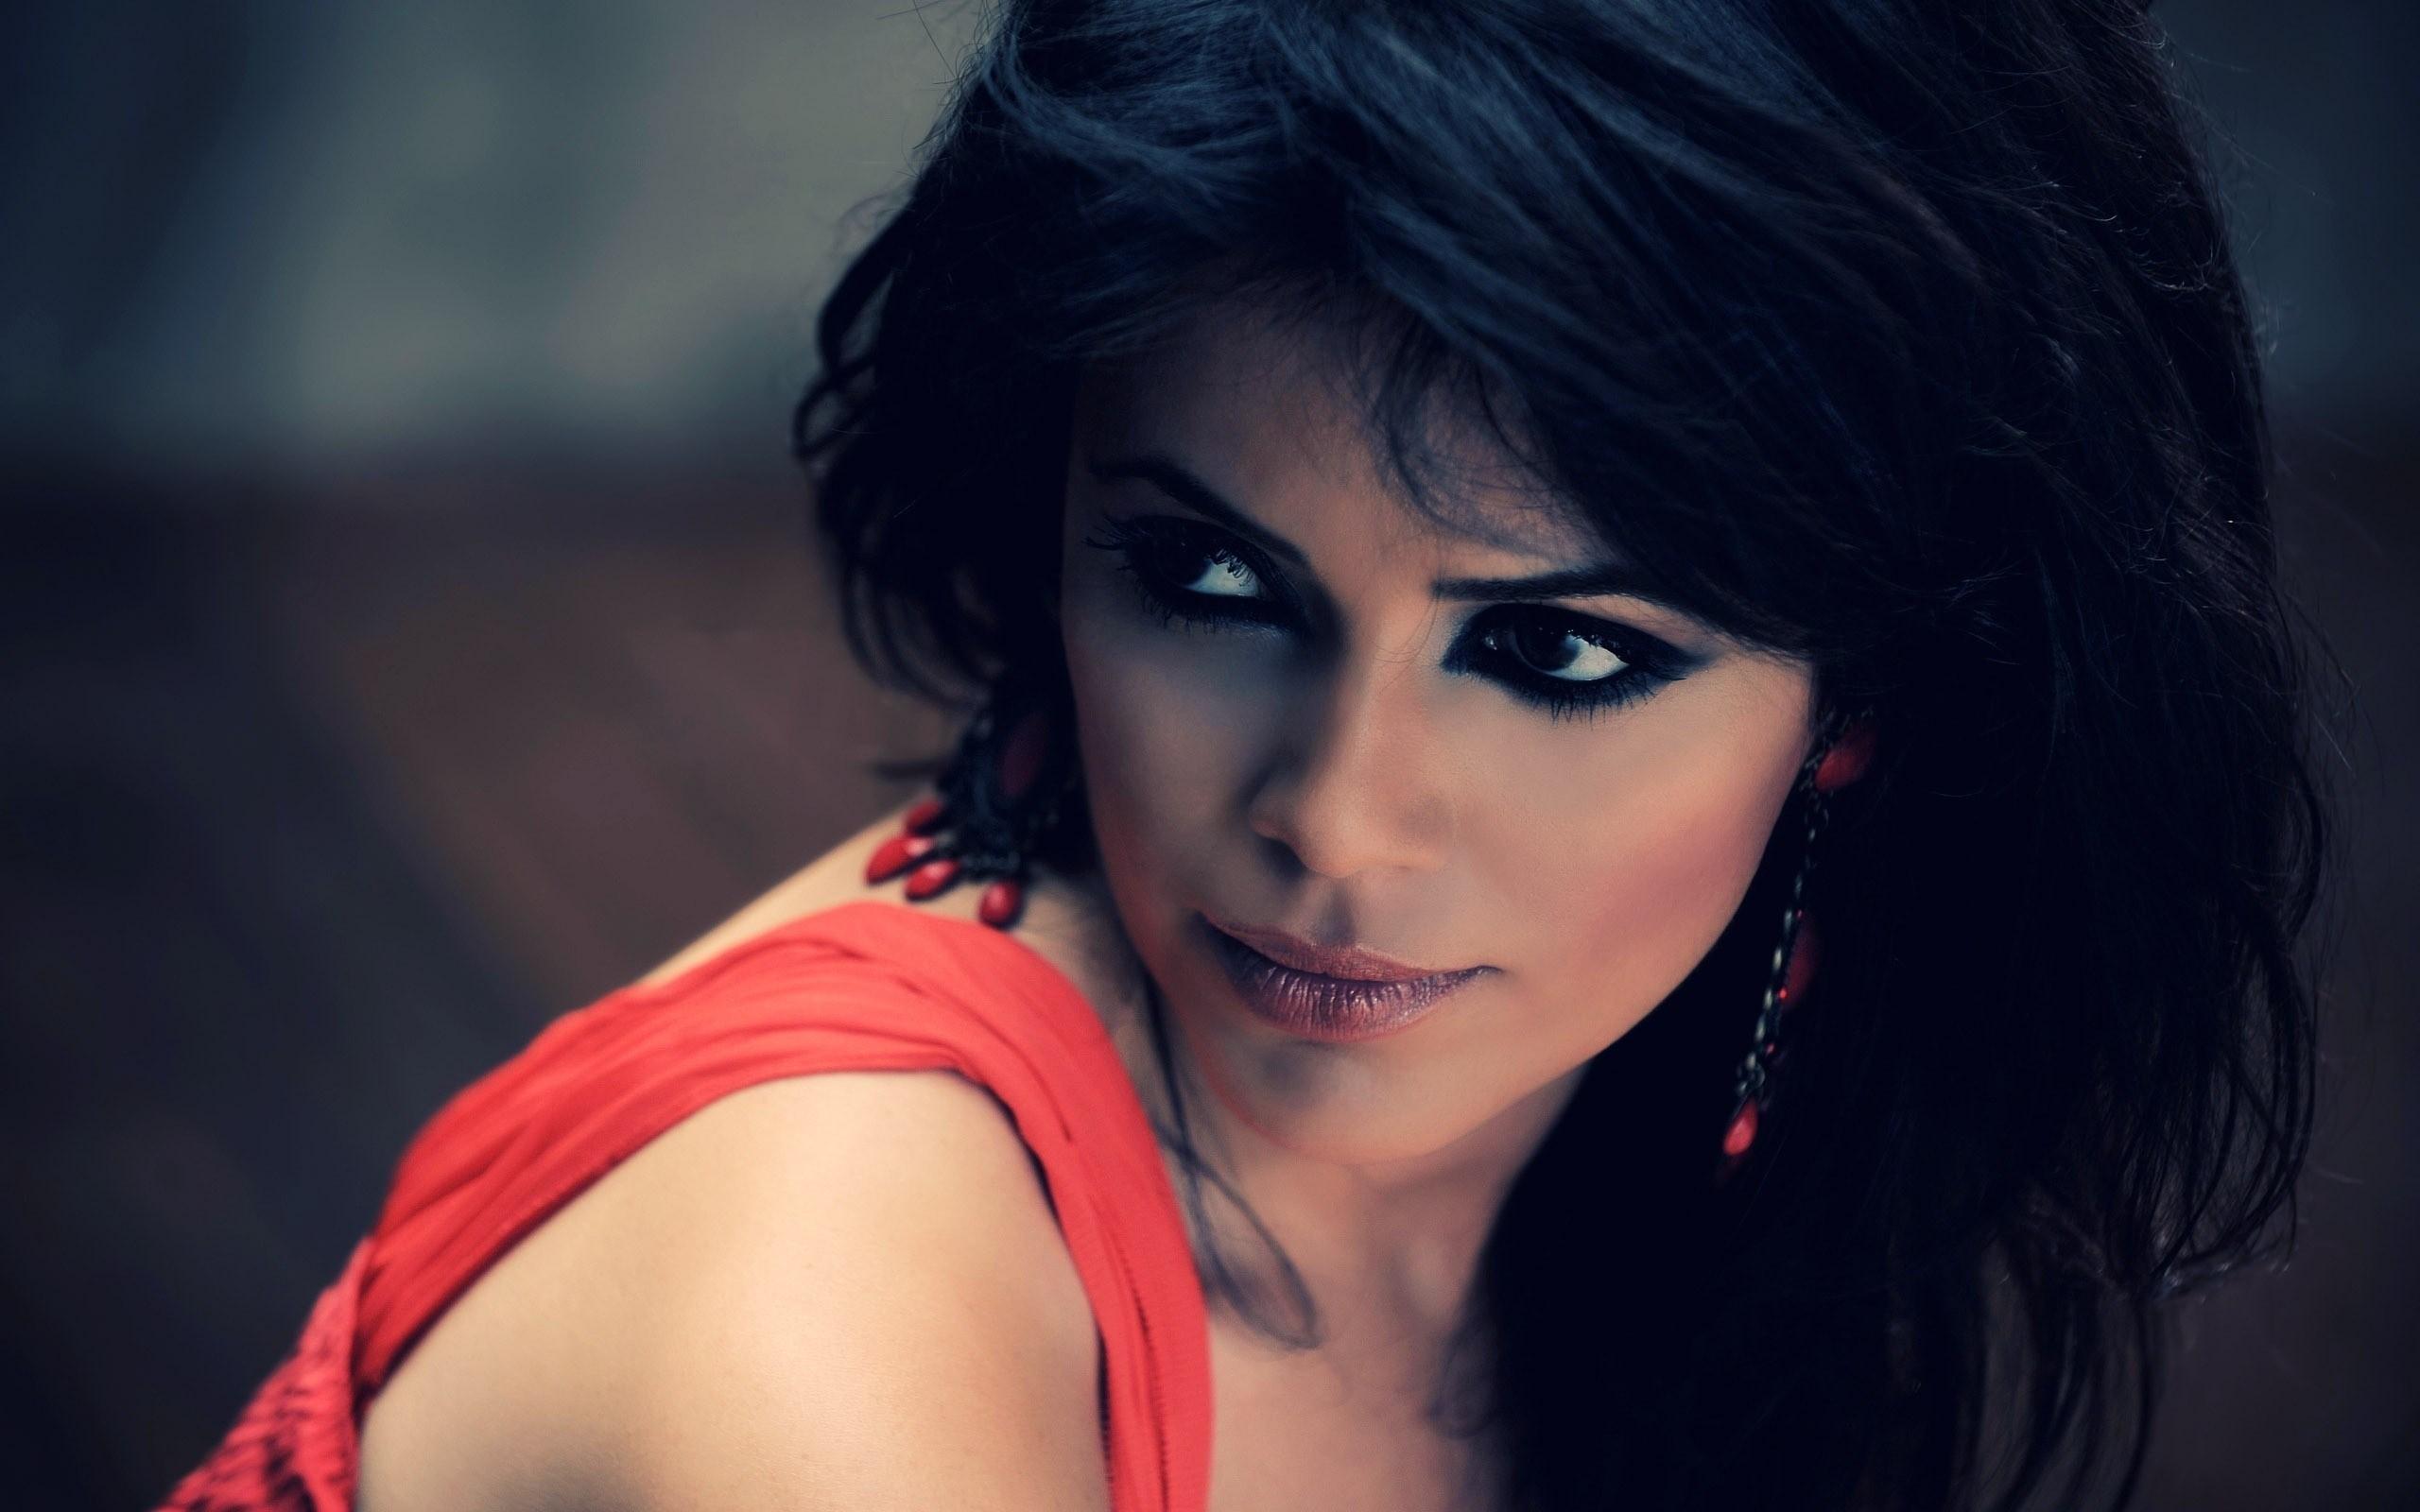 Brunette Yasmin Levy Israeli Singer Songwriter